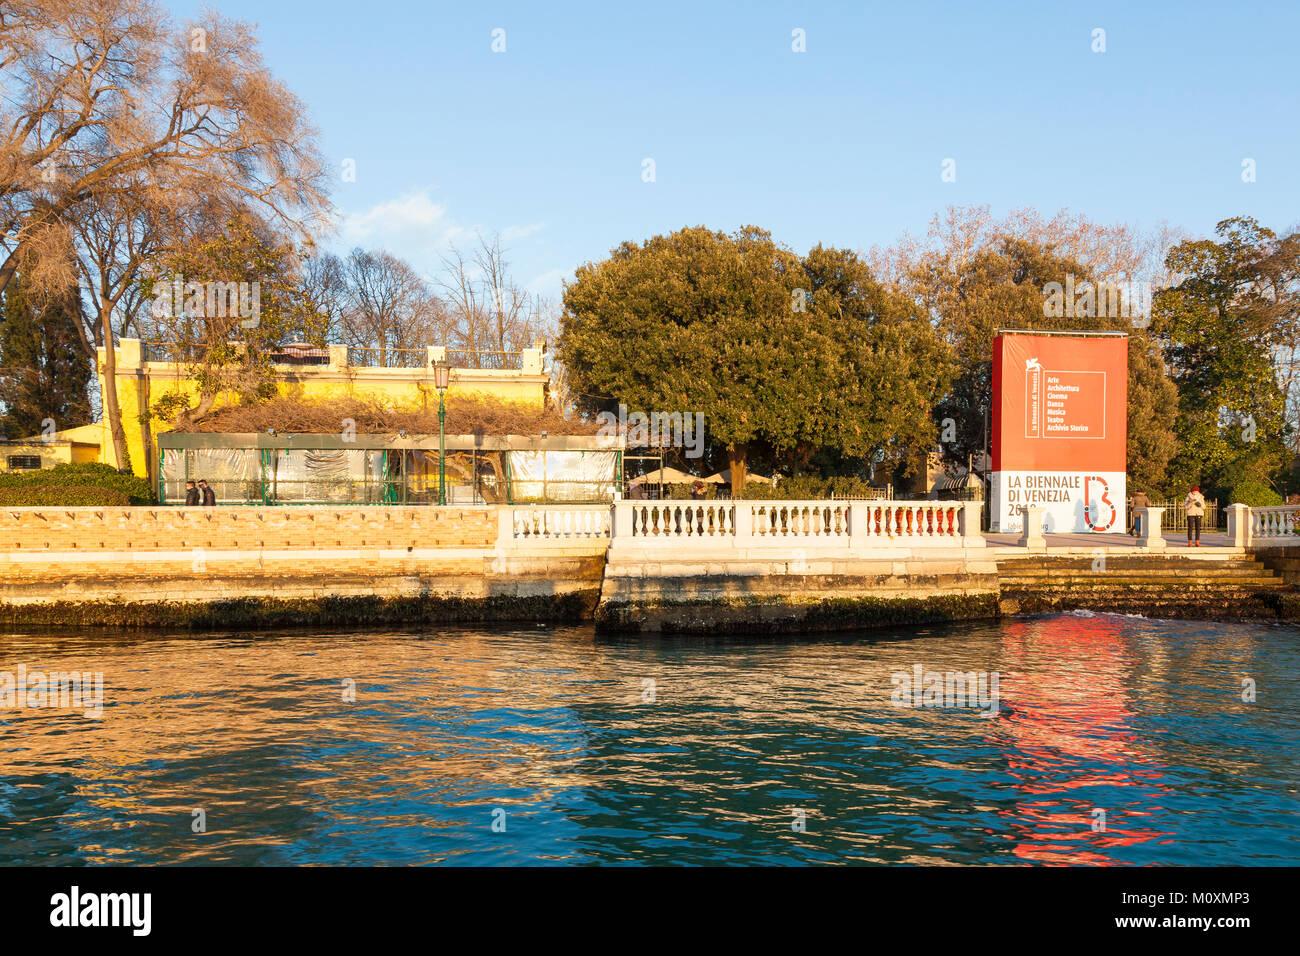 Le Giardini Pubblici ou Bieannale jardins avec leur signalisation et la populaire Cafe Paradiso au coucher du soleil à partir de la lagune, Castello, Venise, Vénétie, Italie Banque D'Images